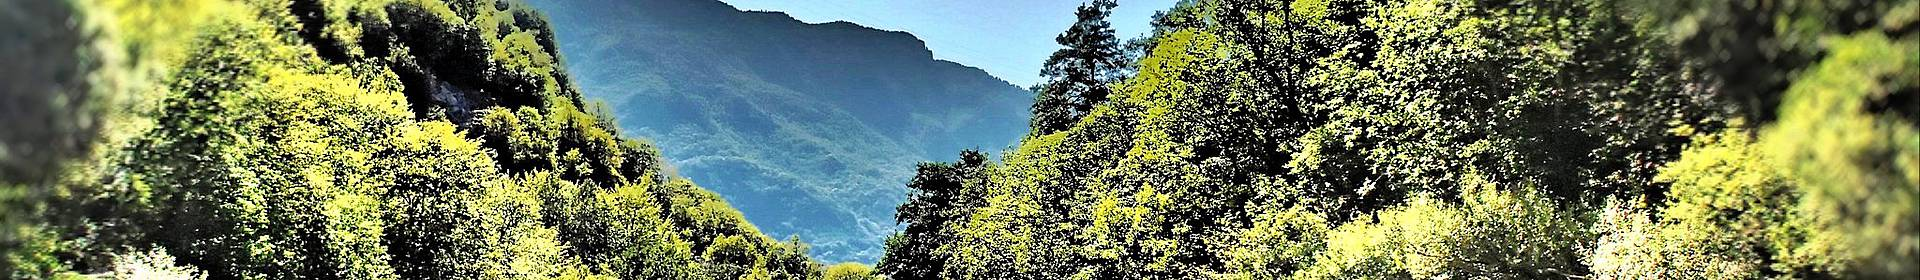 Canyon Tara